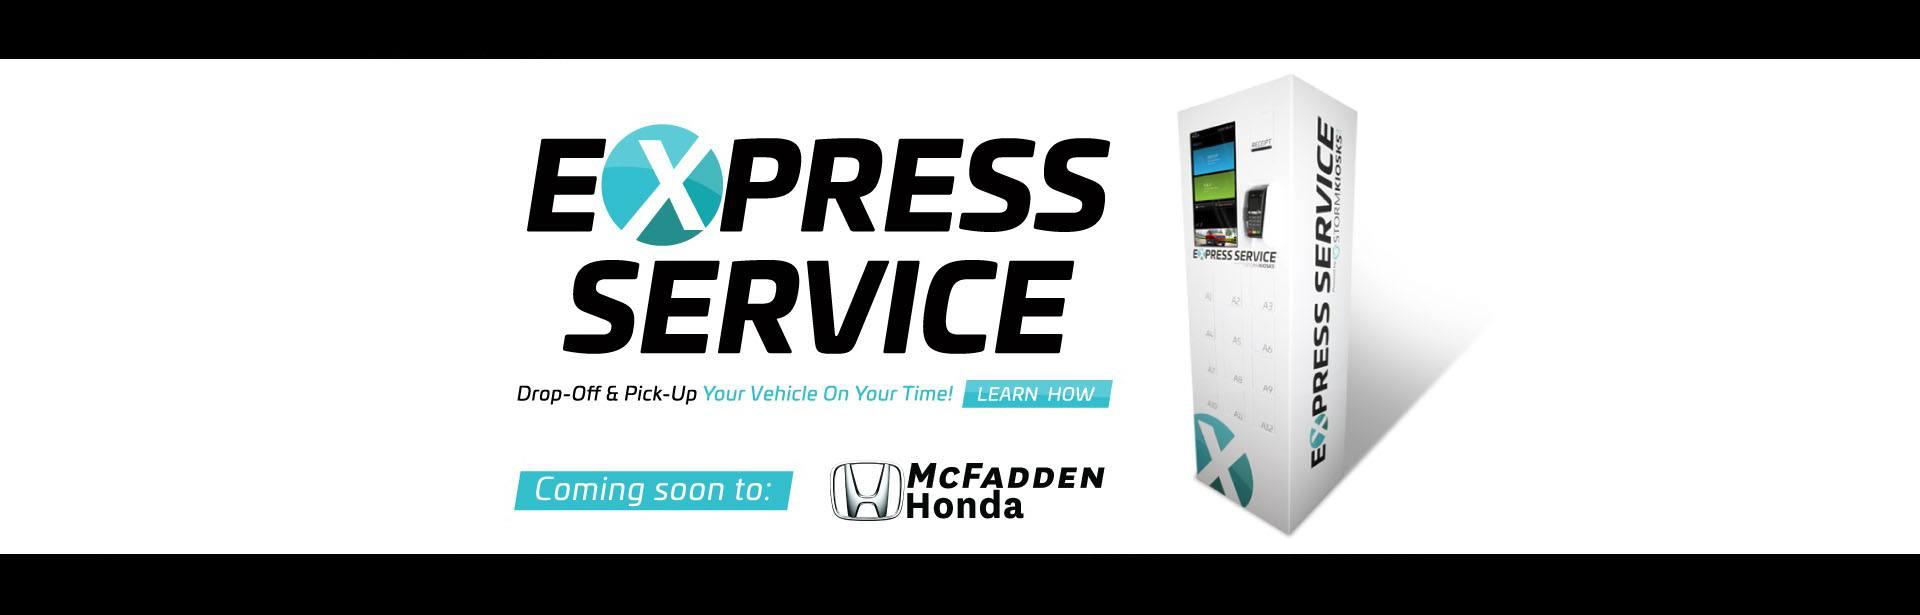 Express Service kiosk